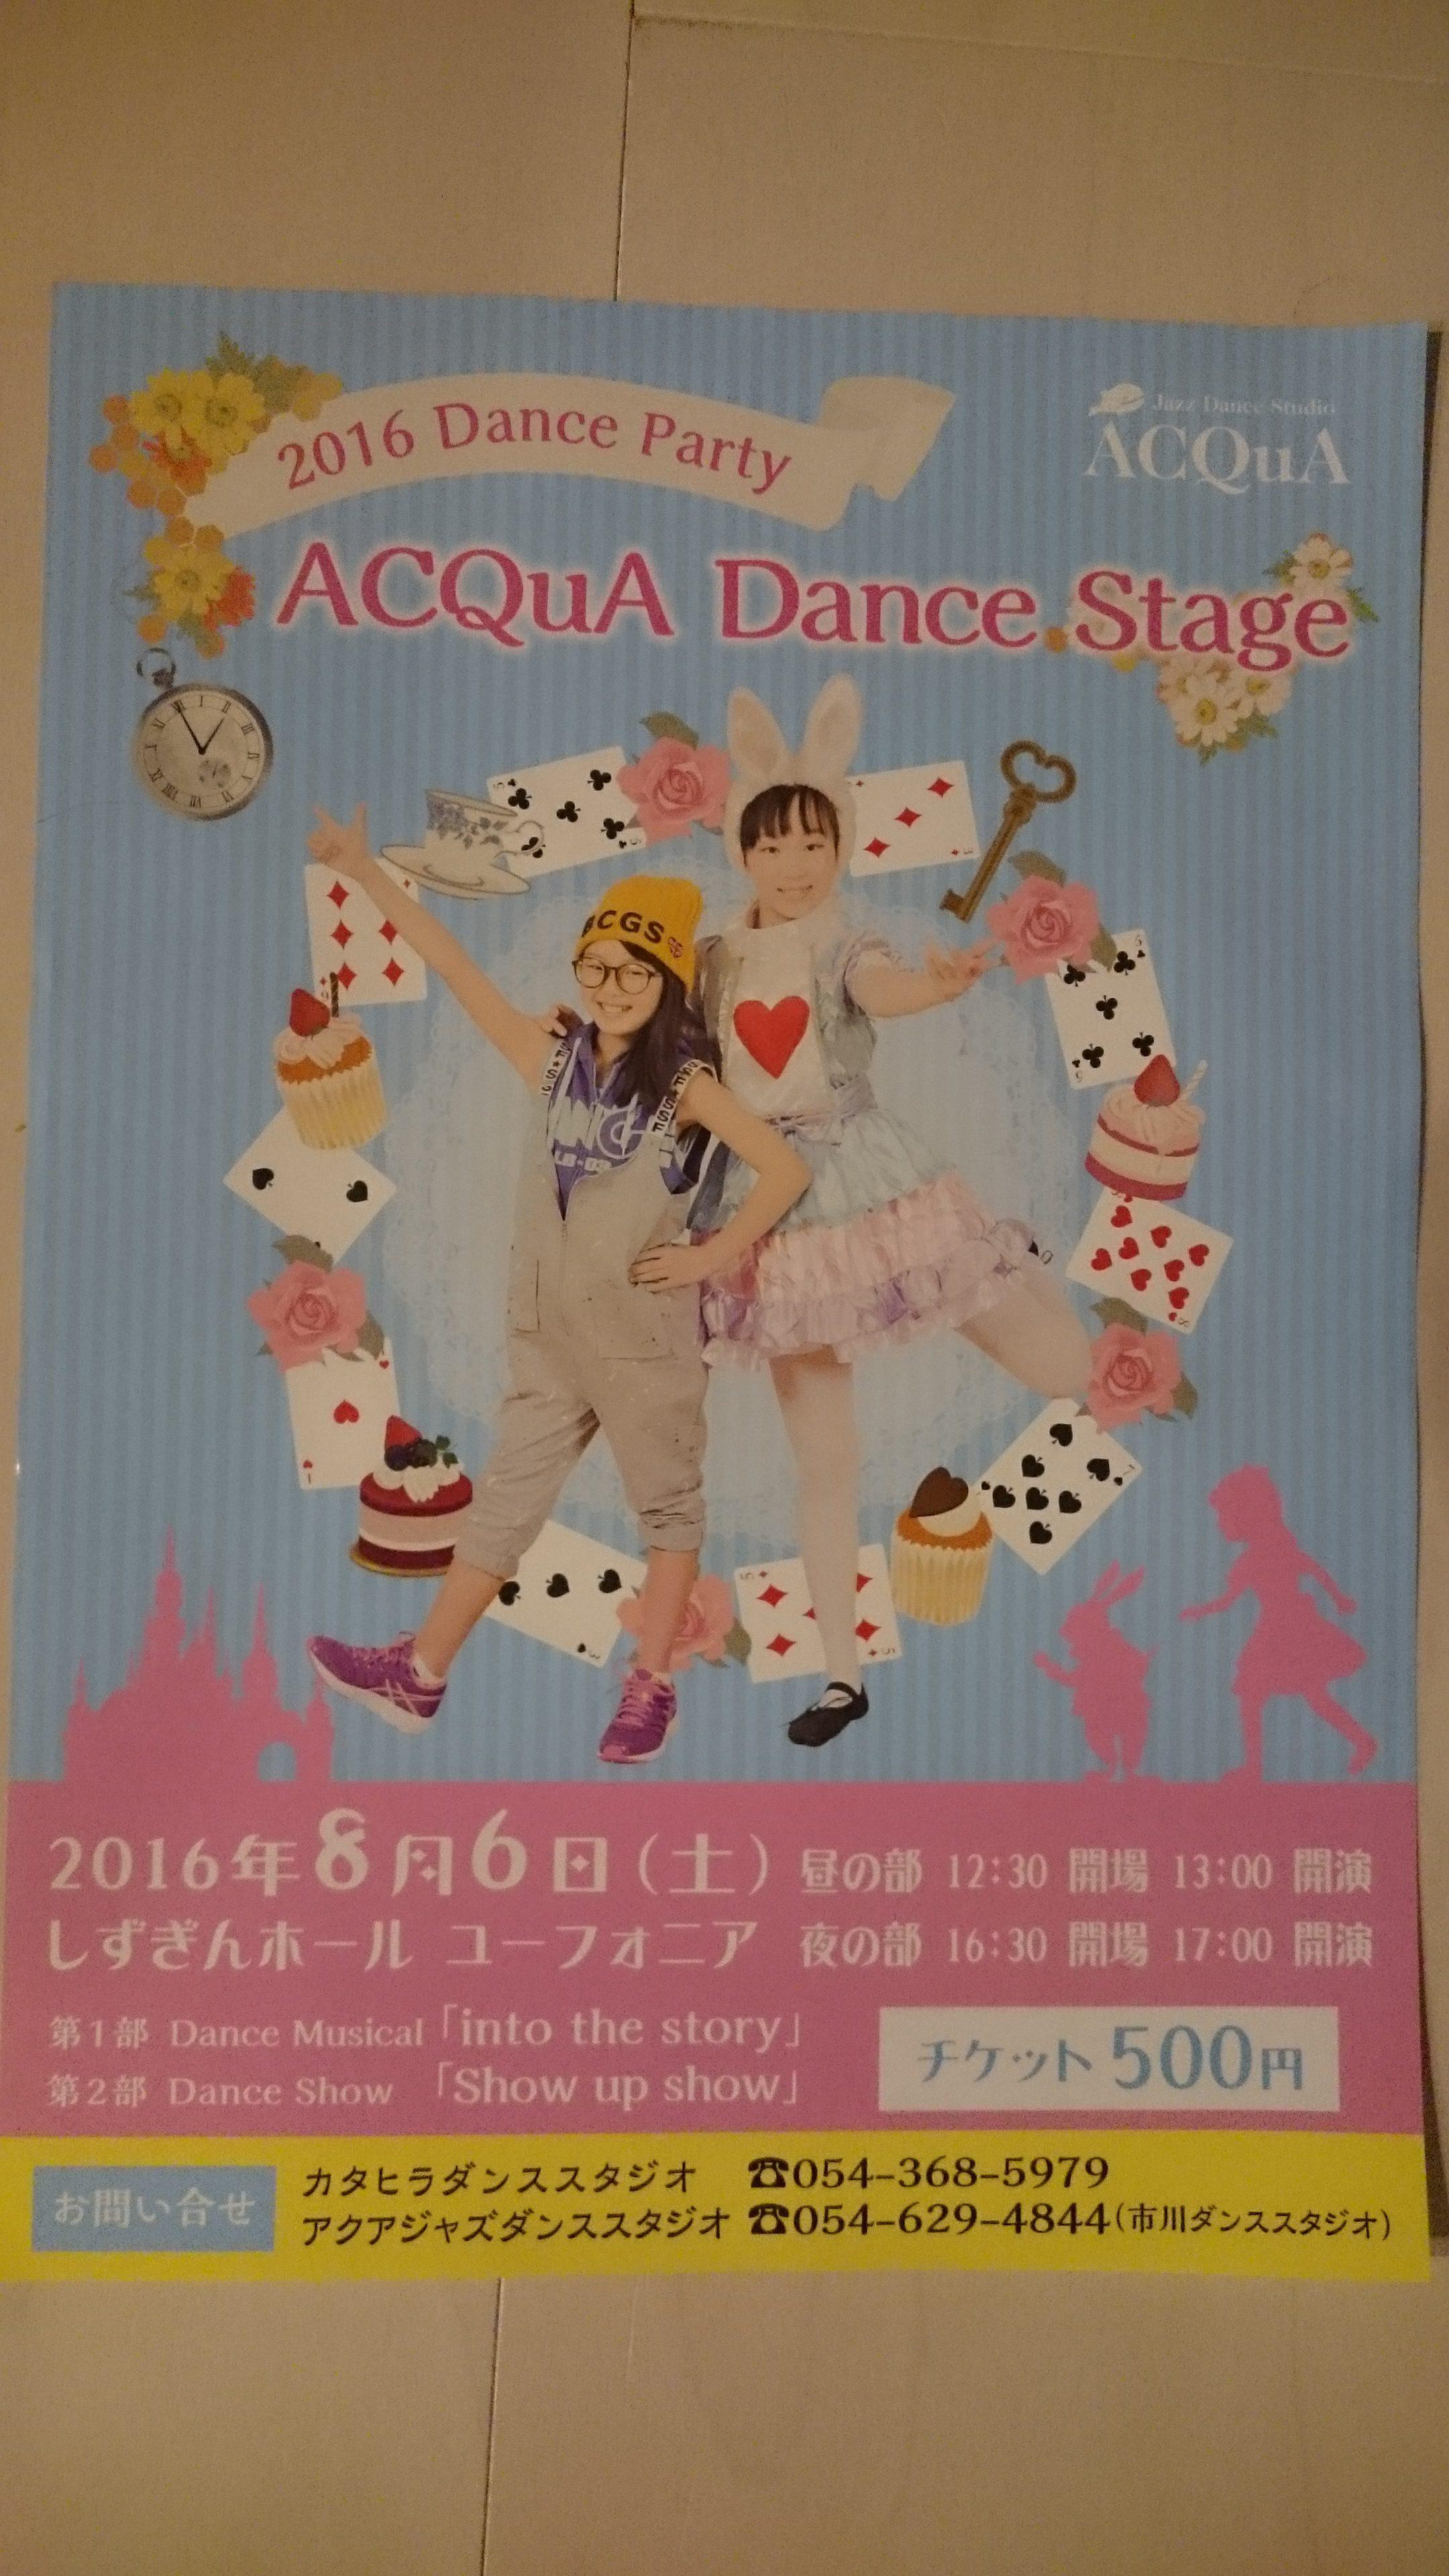 草薙にあるダンススタジオ ACQuAです。8月6日(土)静岡市葵区にある静銀ユー